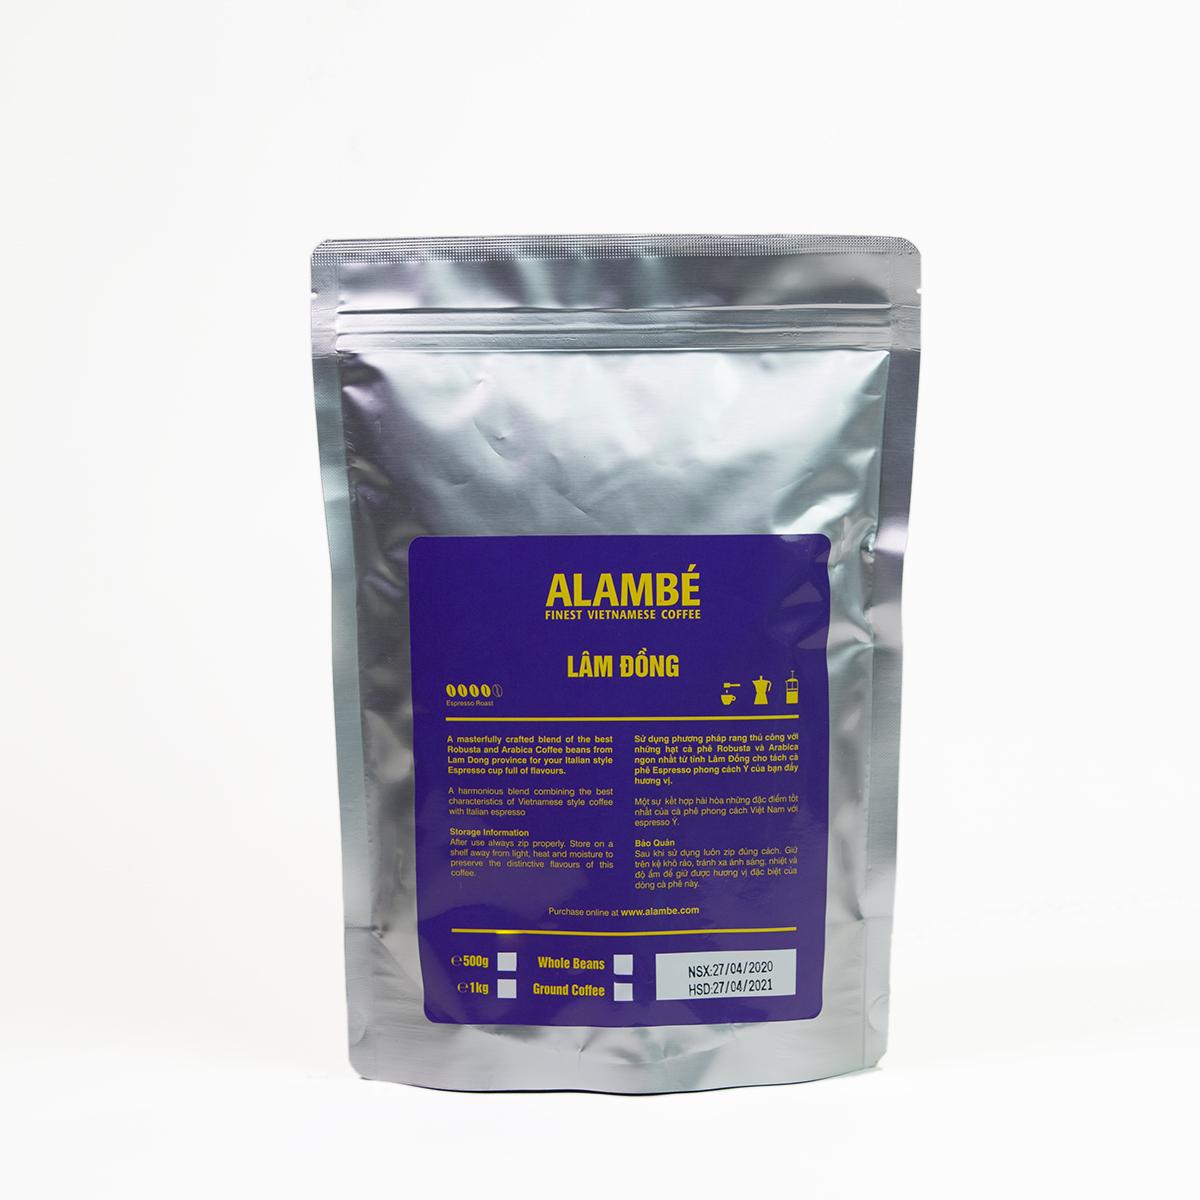 Cà phê nguyên hạt Lâm Đồng ALAMBÉ 500g